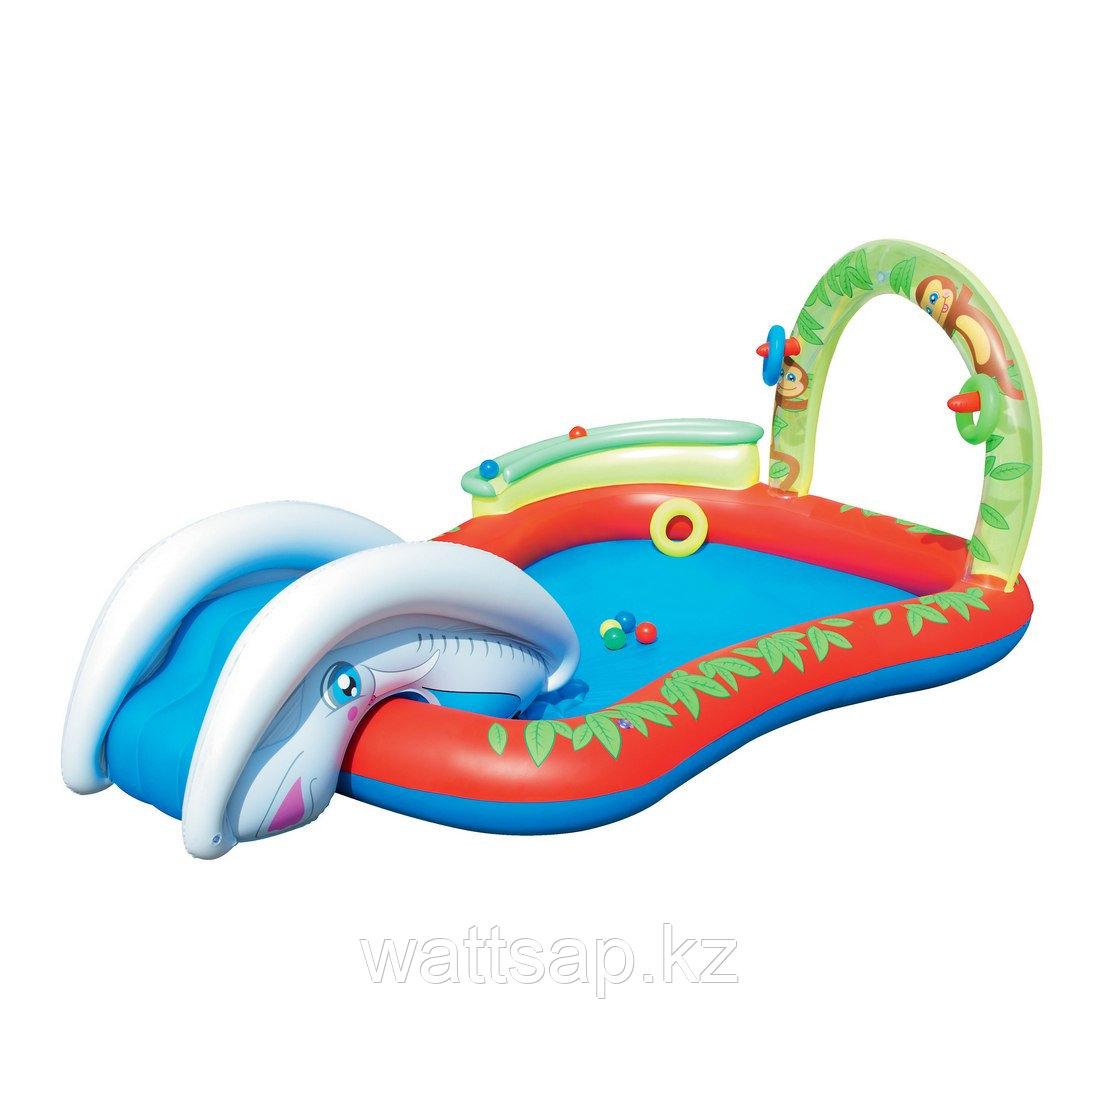 Надувной детский бассейн, BESTWAY, 53051, 279х173х102 см, 250 литров, Винил, Красно-Синий, Цветная коробка